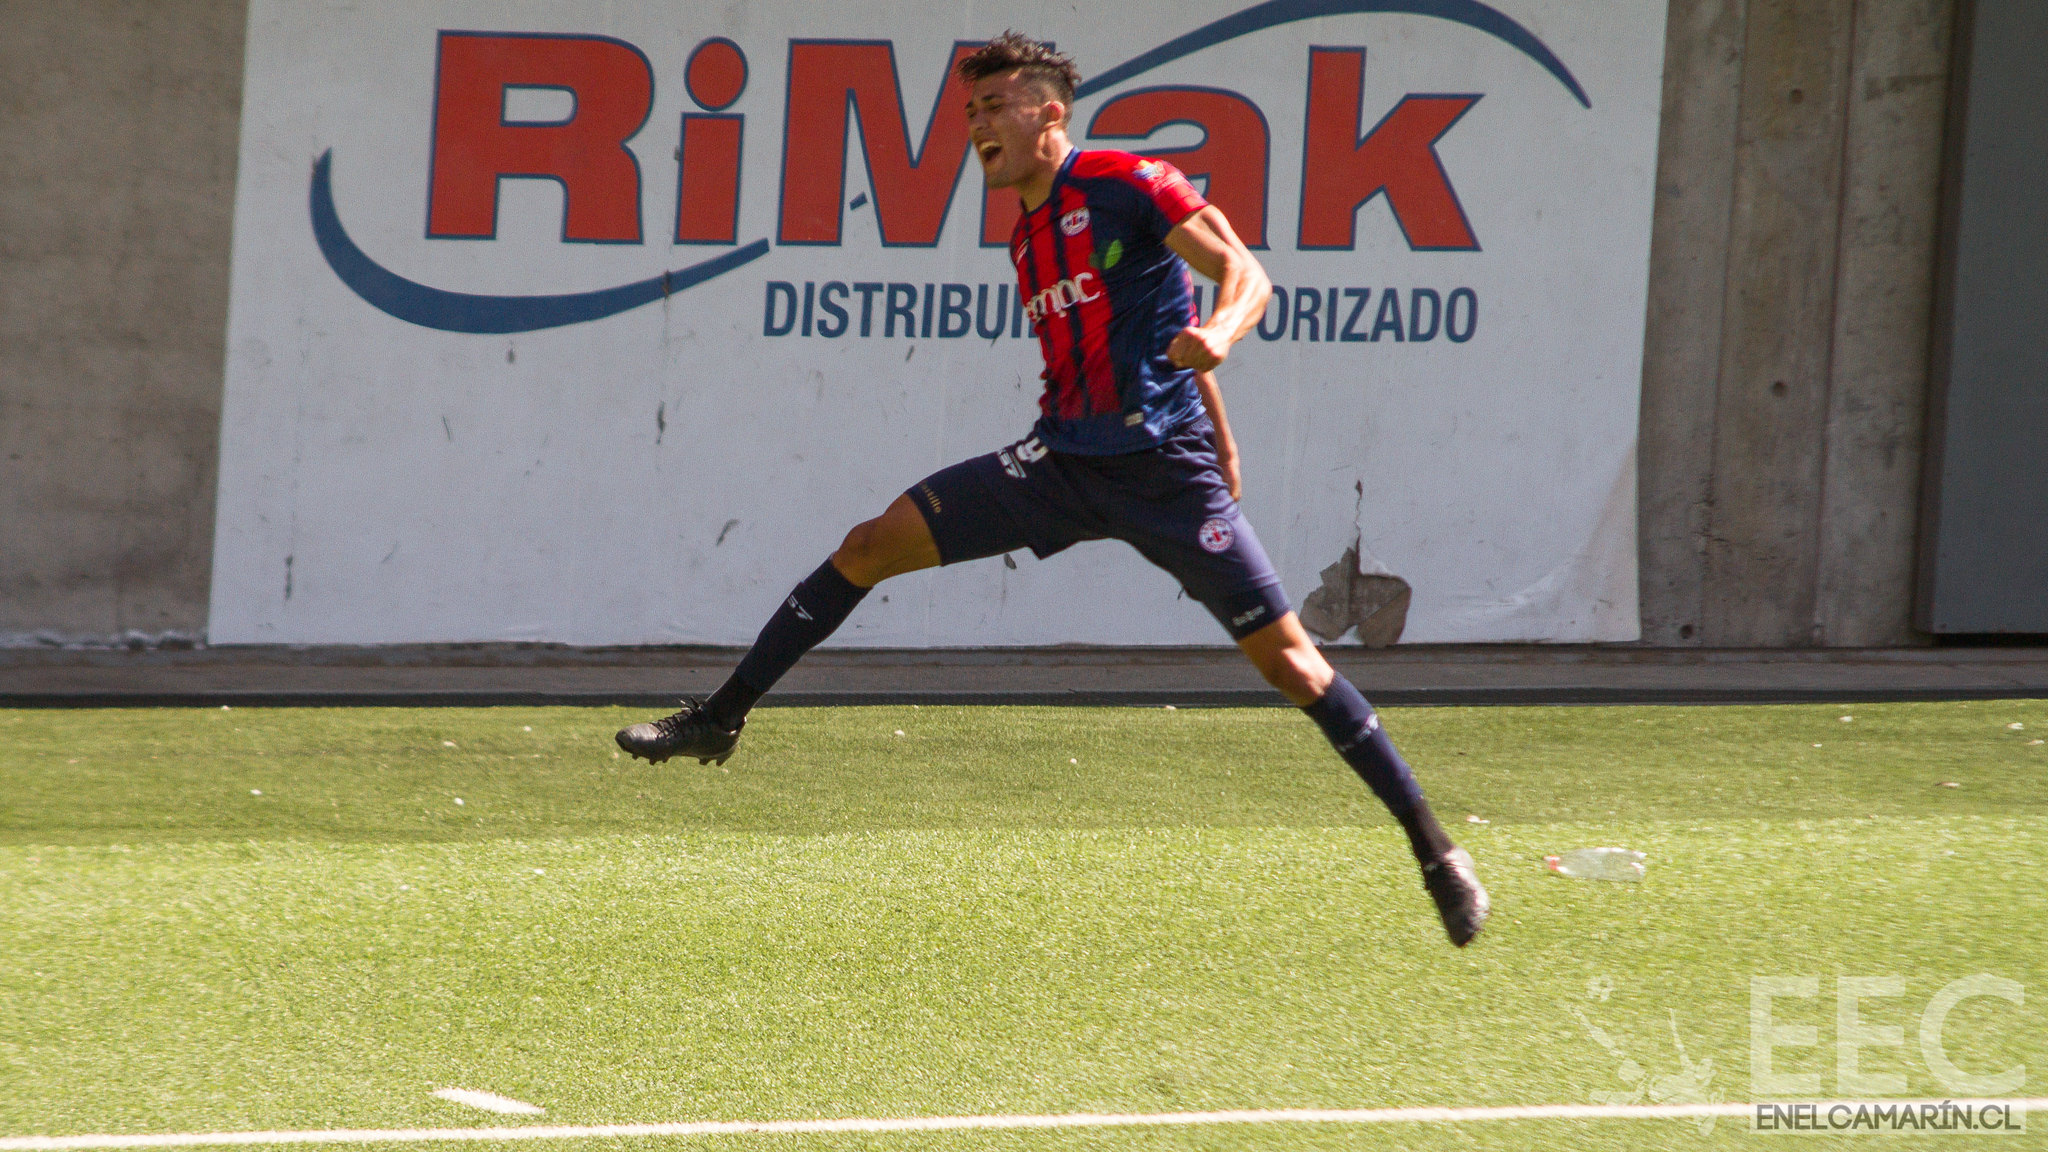 Deportes Colina vs Iberia en fotos